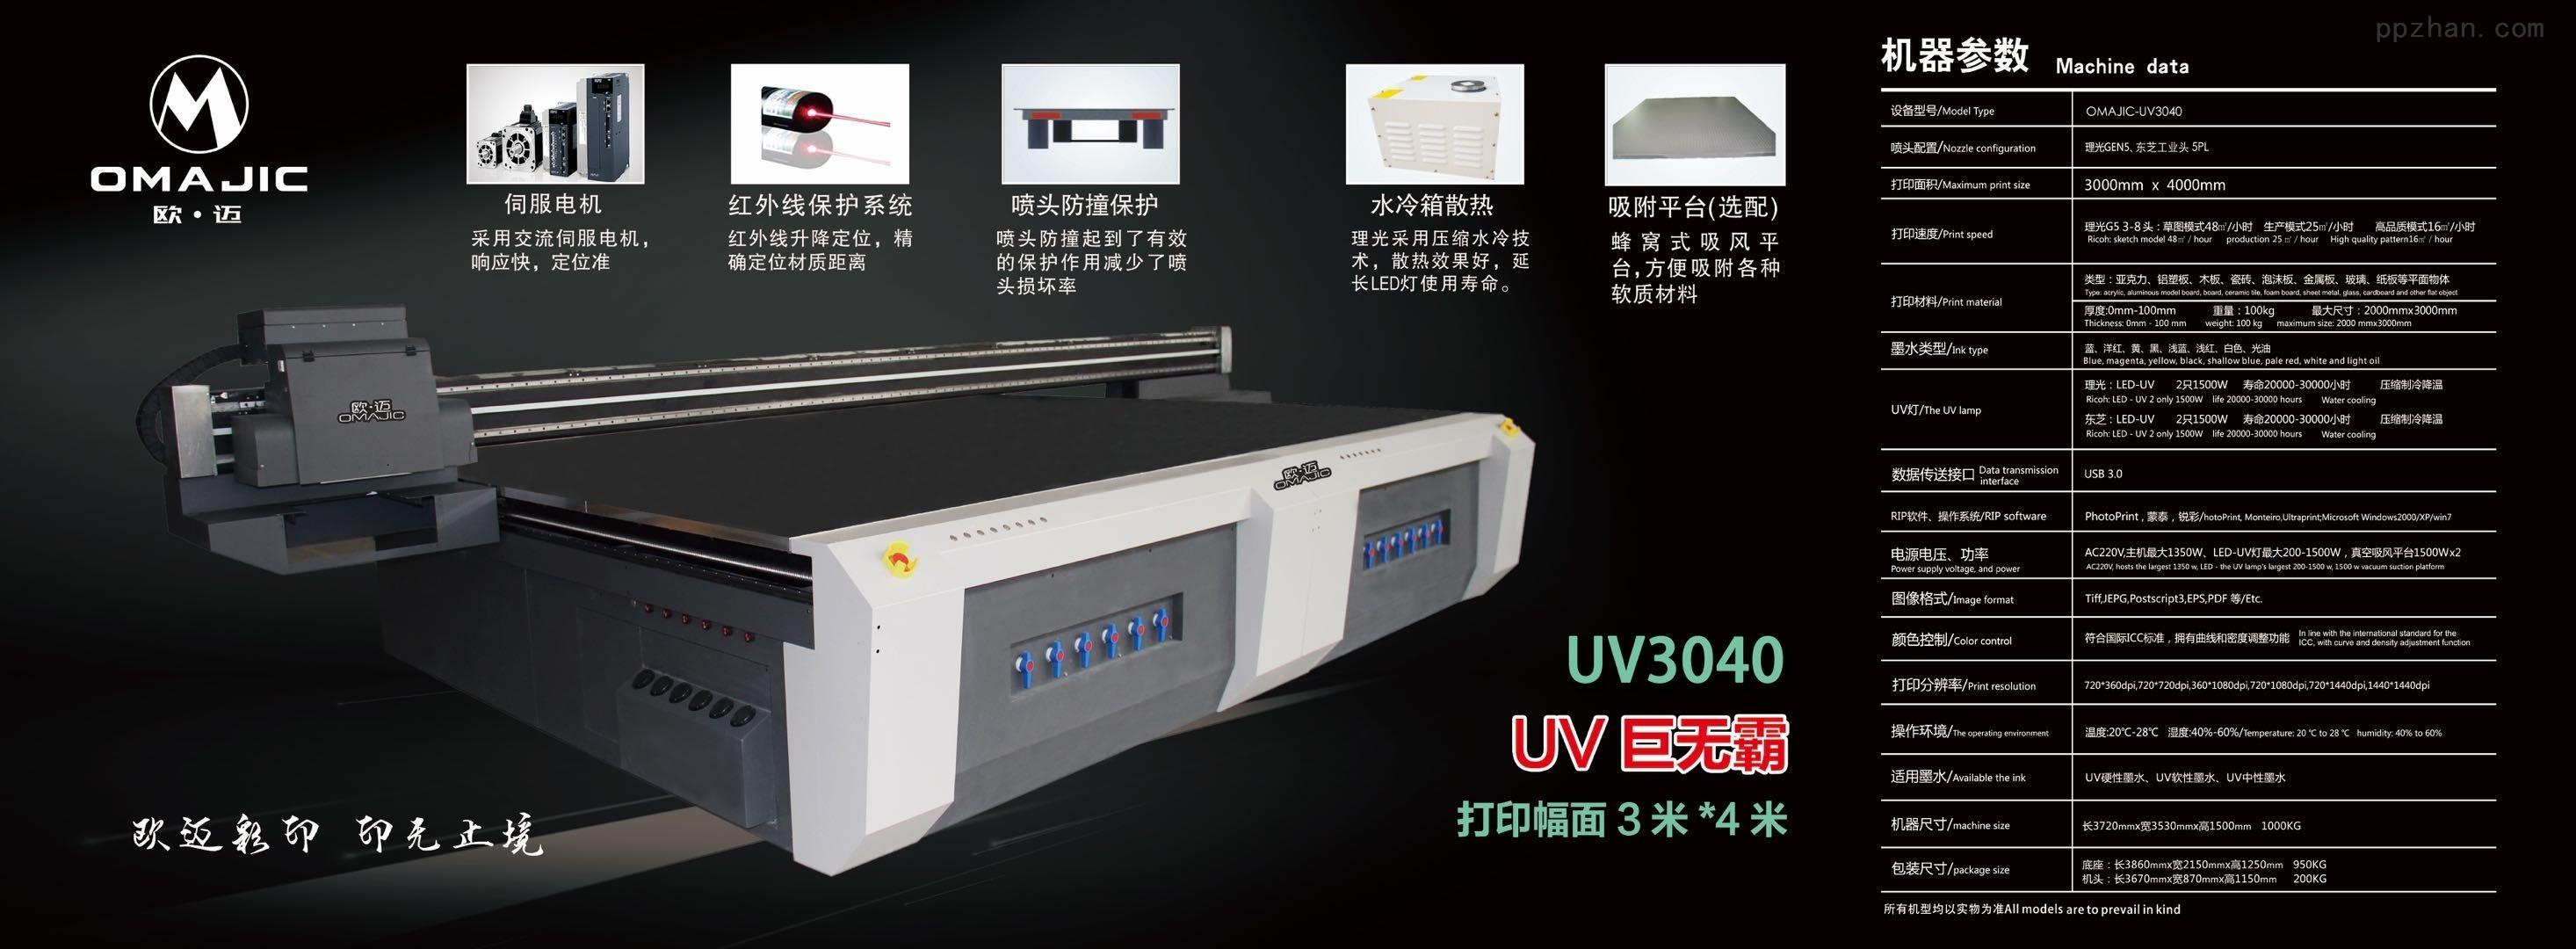 晶瓷画 烁金画 金箔画 UV打印设备技巧工艺